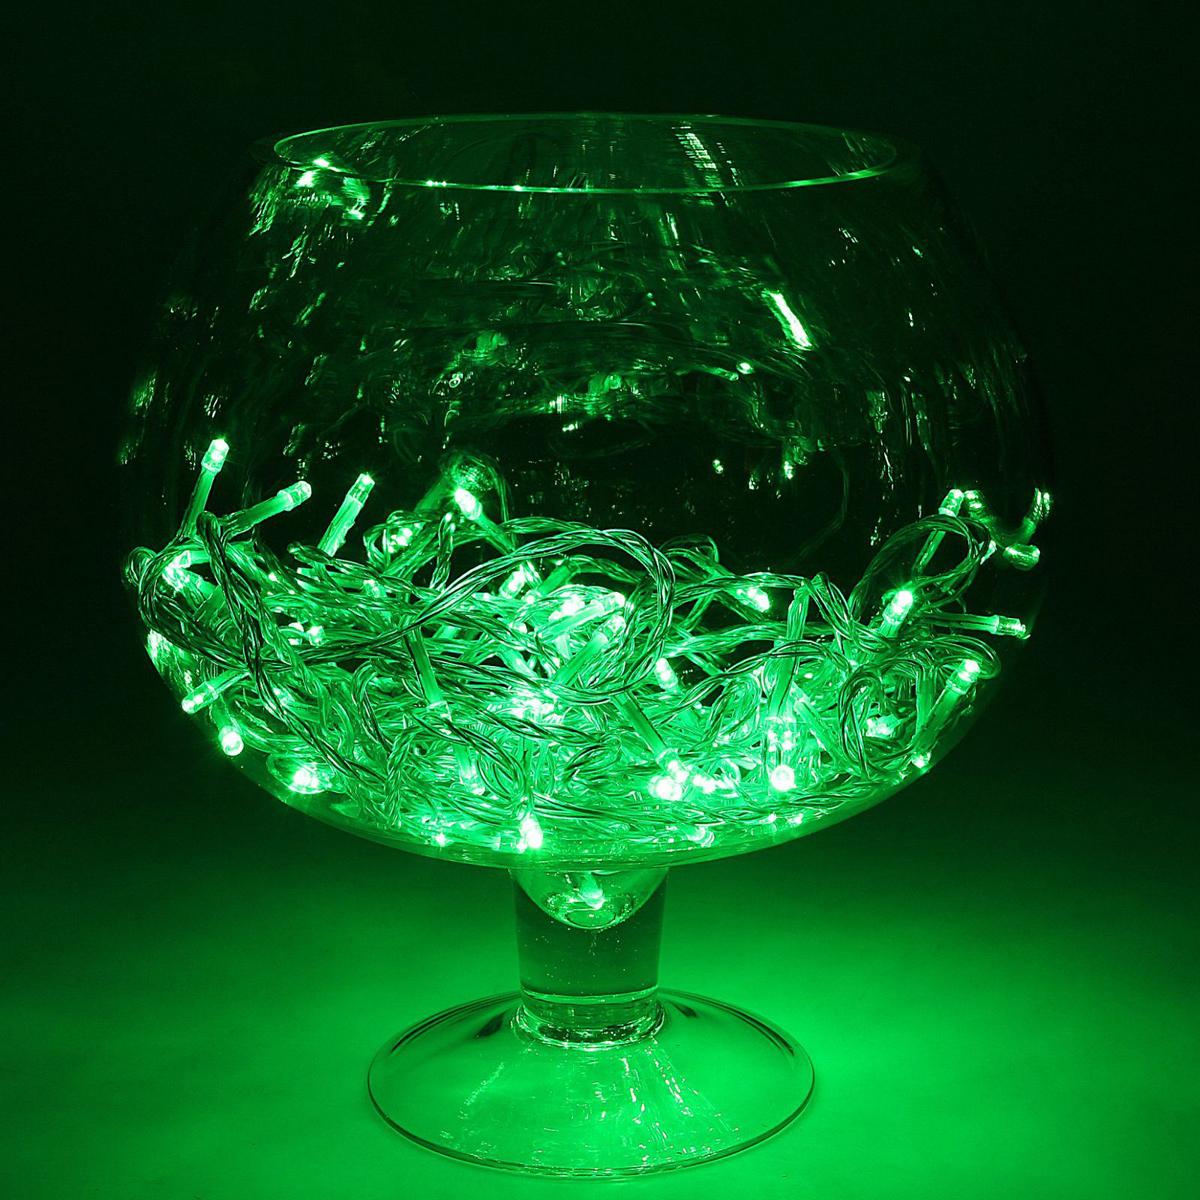 Гирлянда светодиодная Luazon Метраж, уличная, 100 ламп, 24 V, 10 м, цвет: зеленый. 1586026